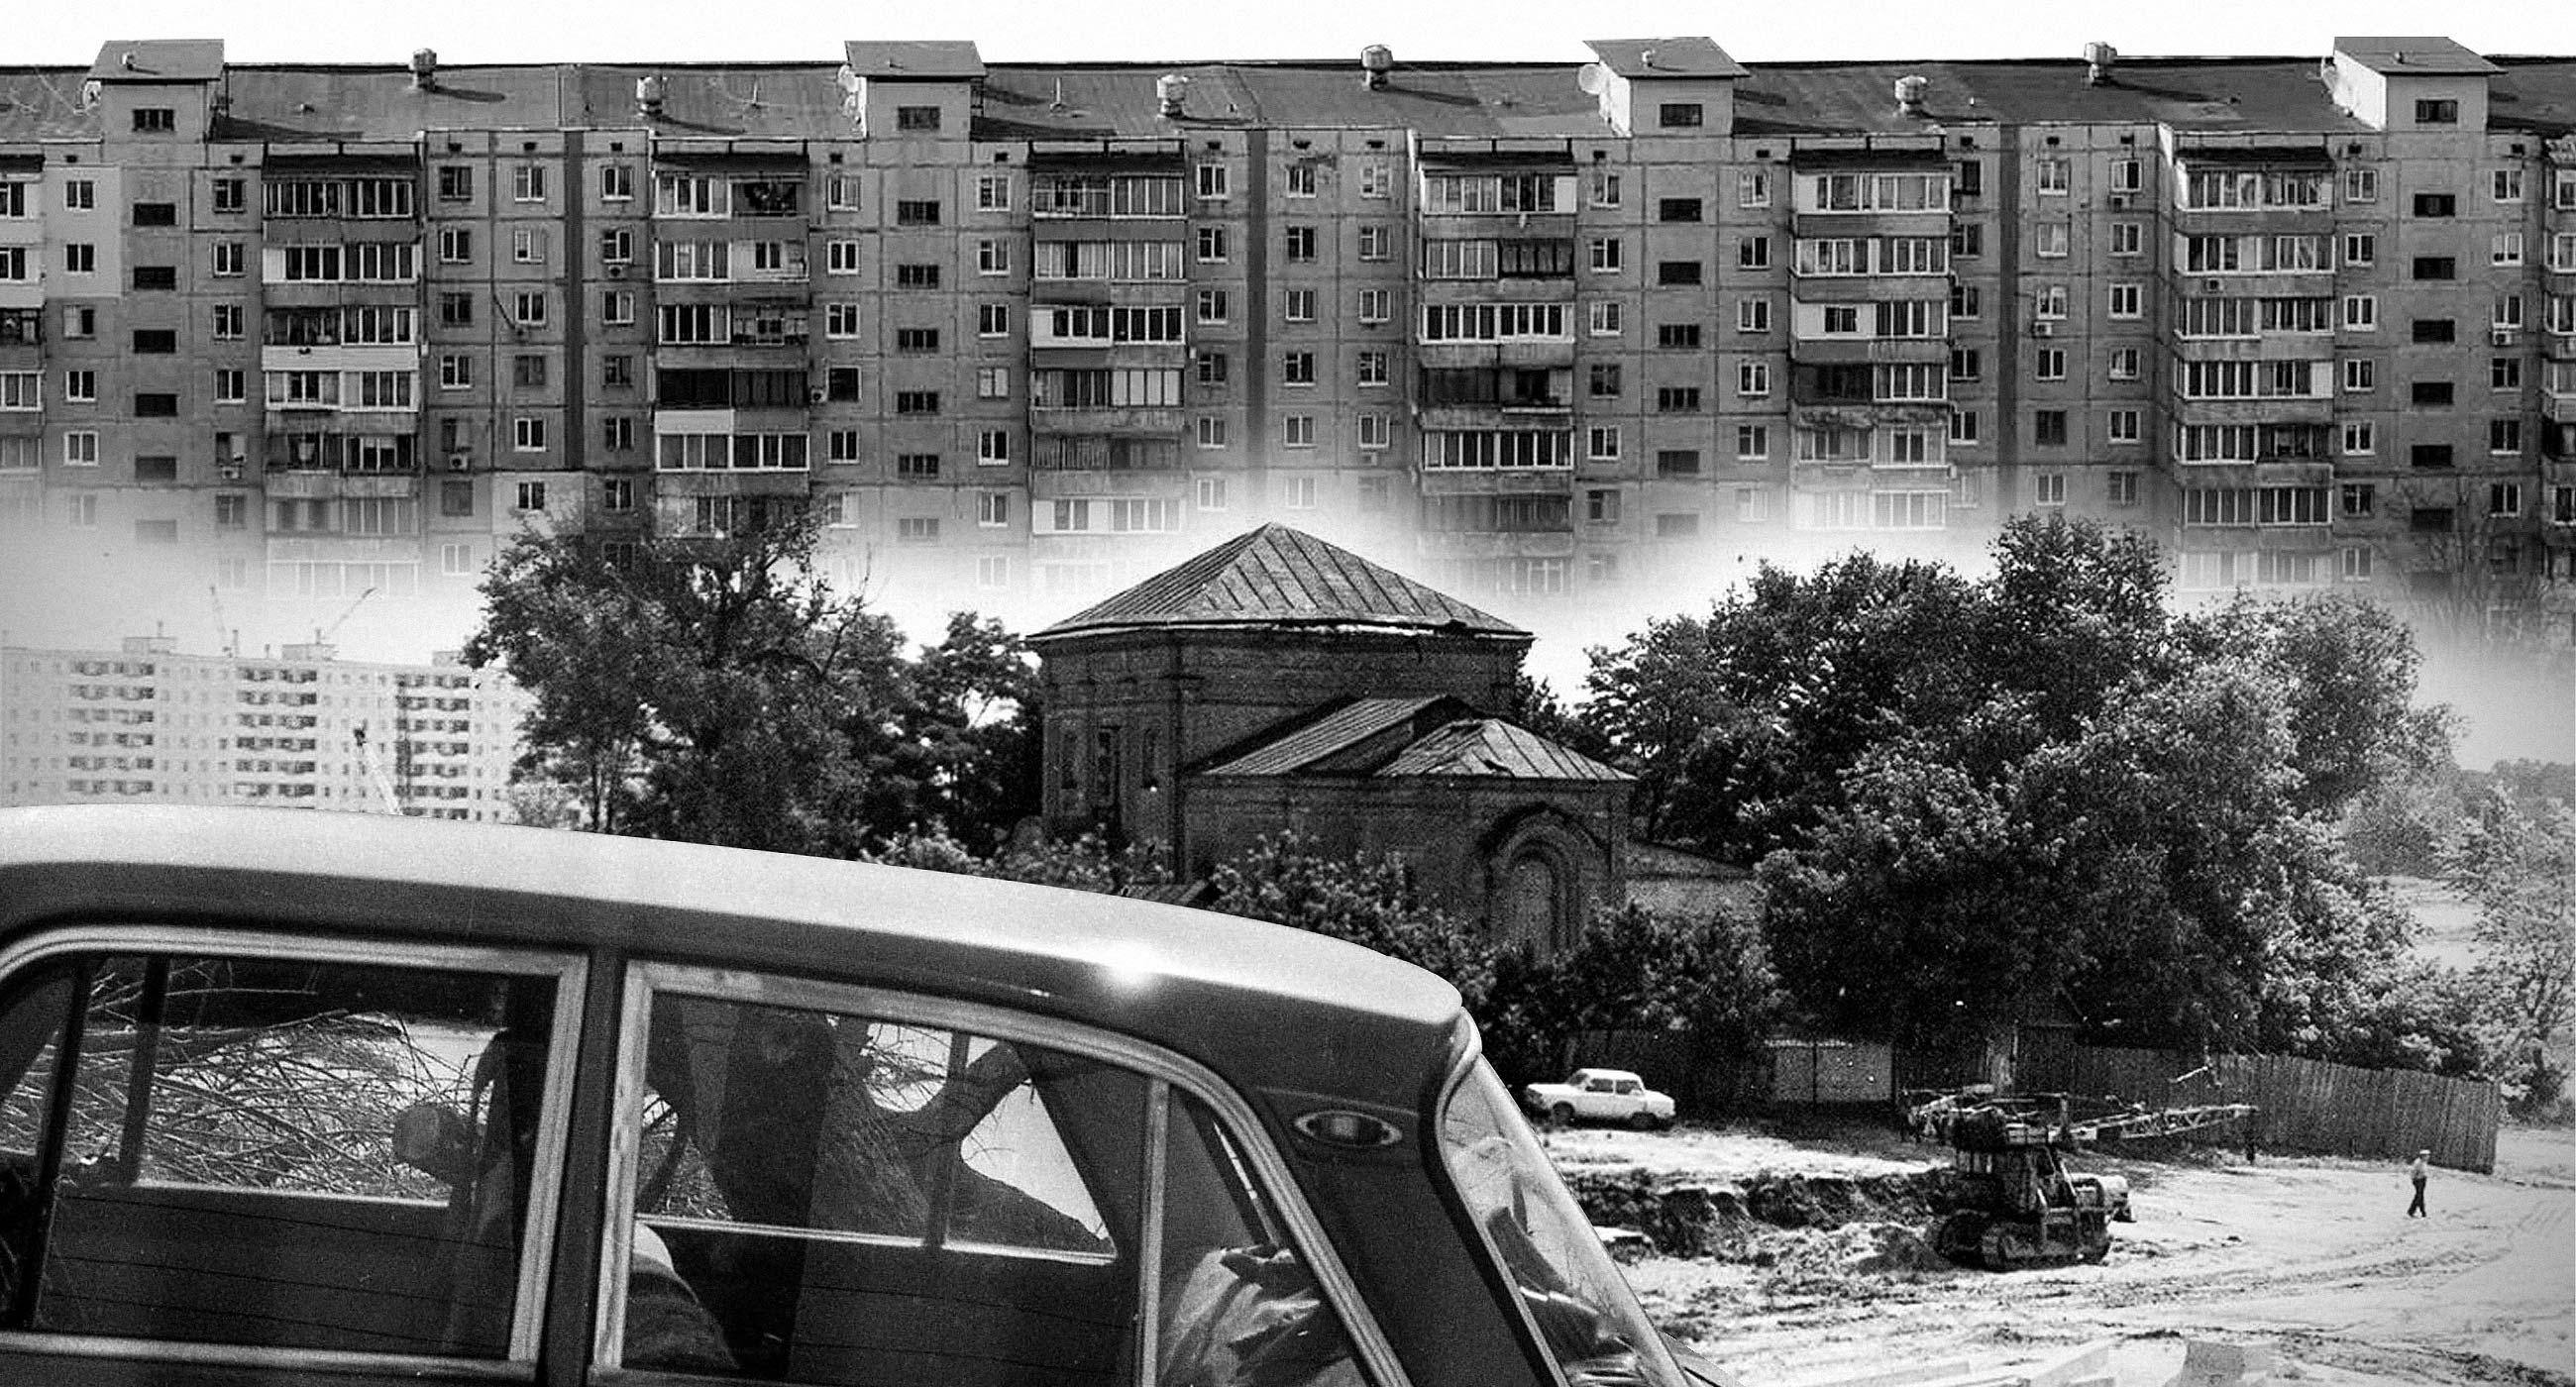 Заради масового житла в Києві знищили десятки поселень. Розповідаємо, як це було